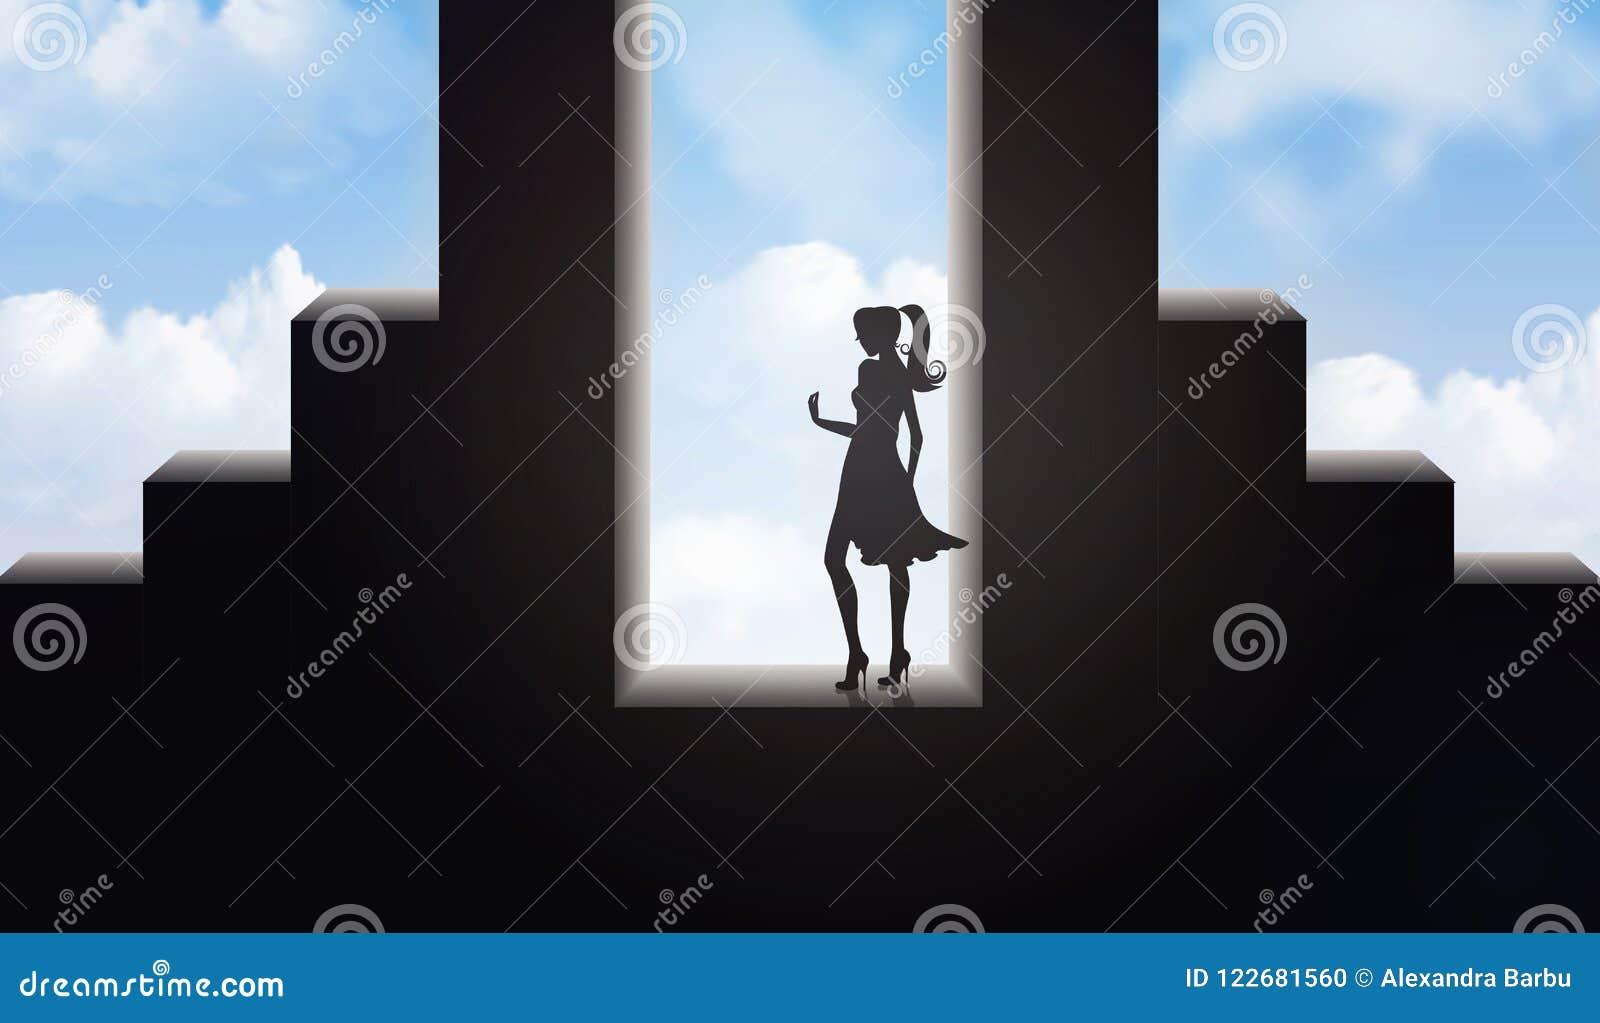 Hoppa av öden, okända, nya början, affärsföretag in i det framtida begreppet